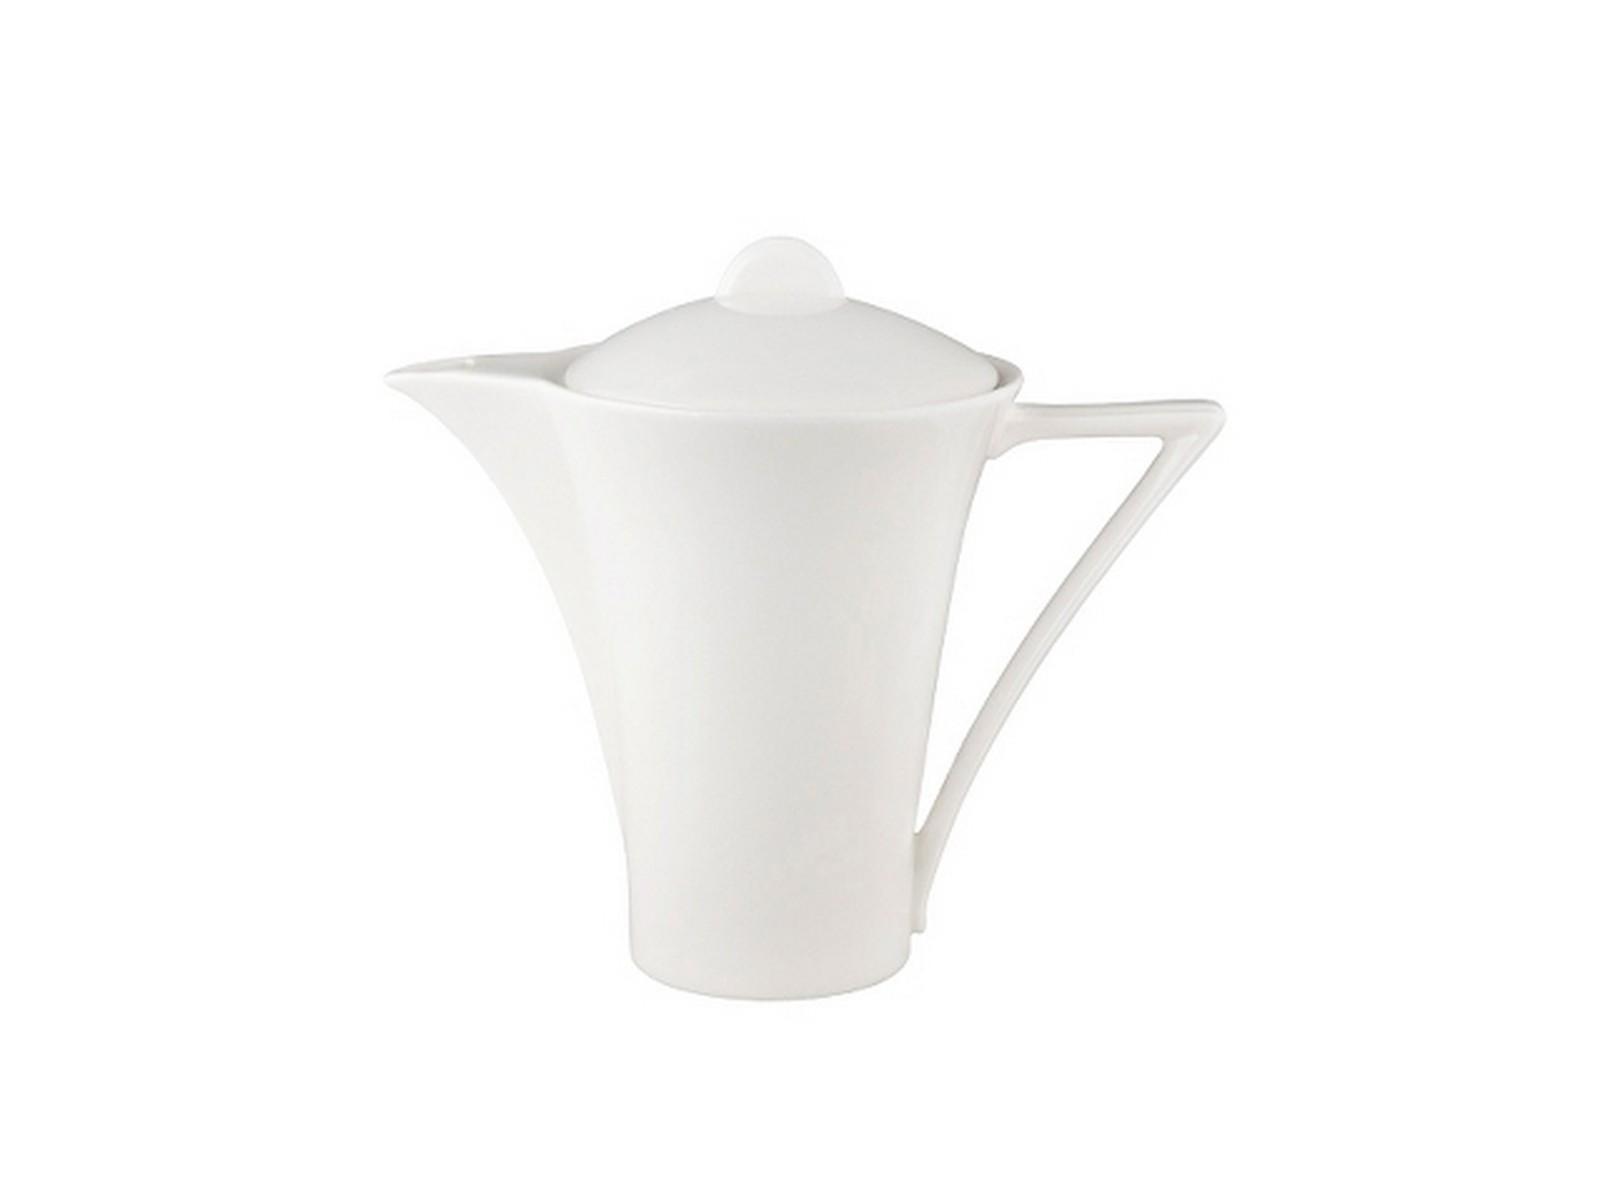 КофейникКофейники и молочники<br>Объем: 900 мл<br><br>Material: Фарфор